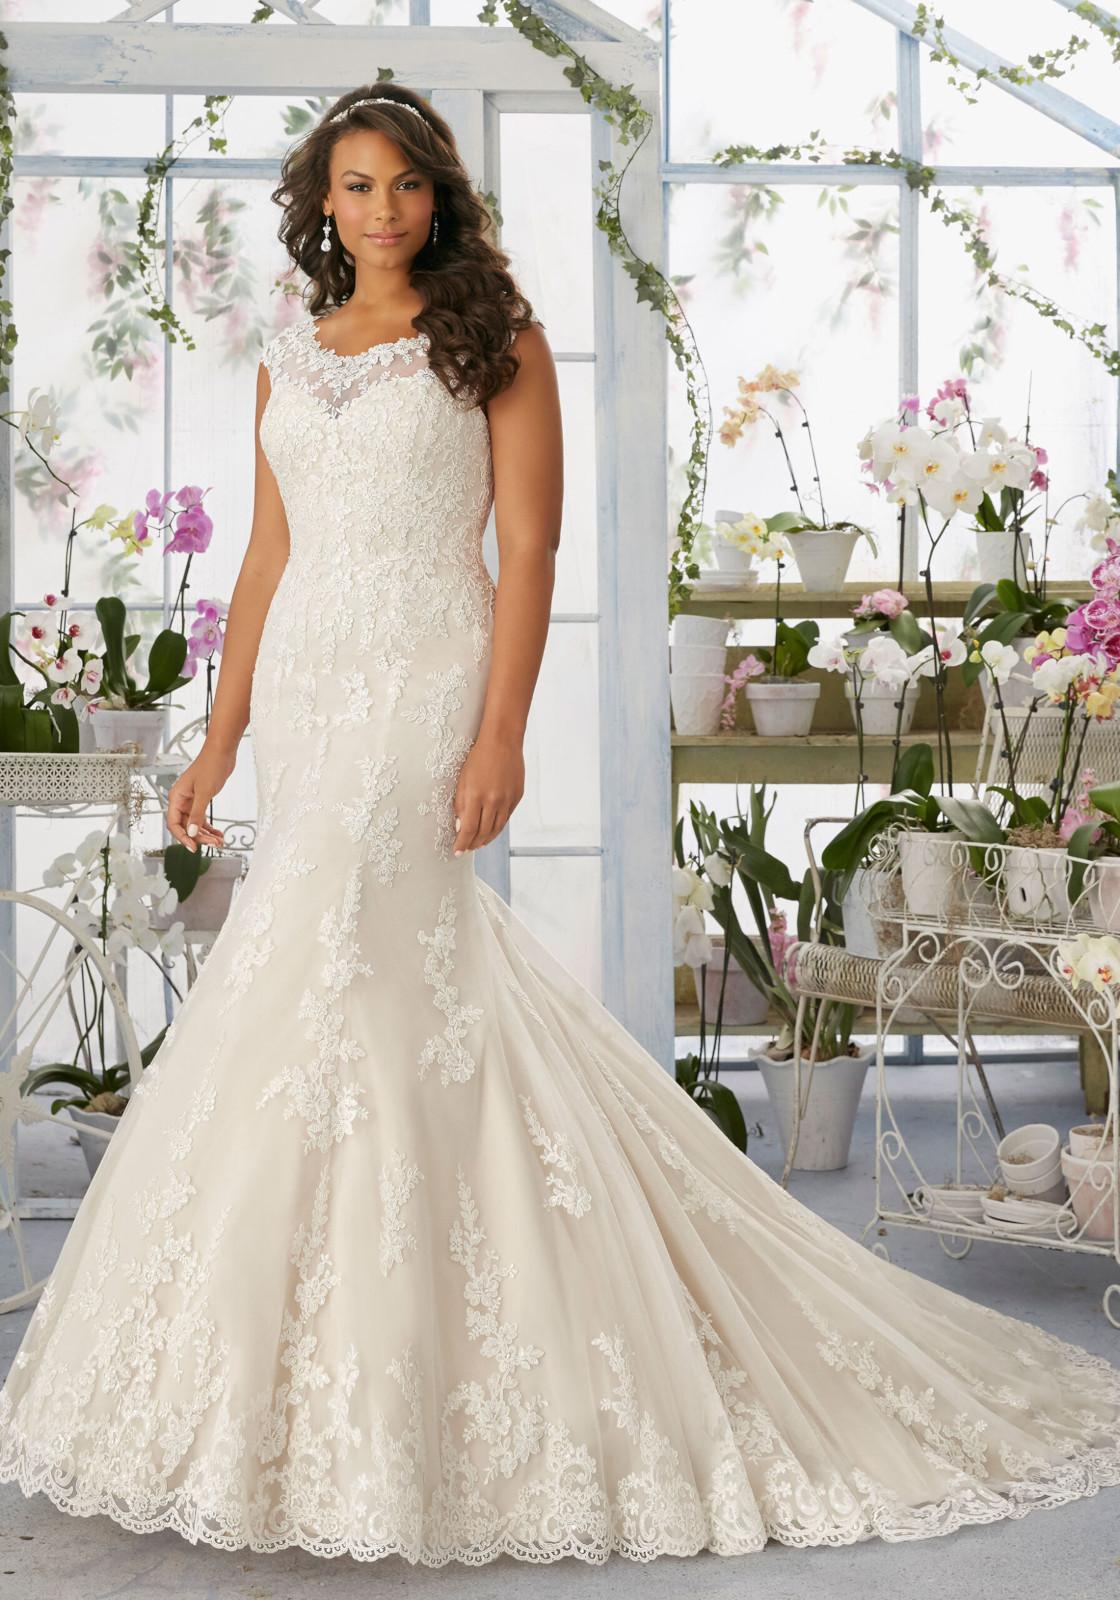 Νυφικό Φόρεμα, Plus Size, Δαντέλα Morilee, Κεντημένη. Style. 3194